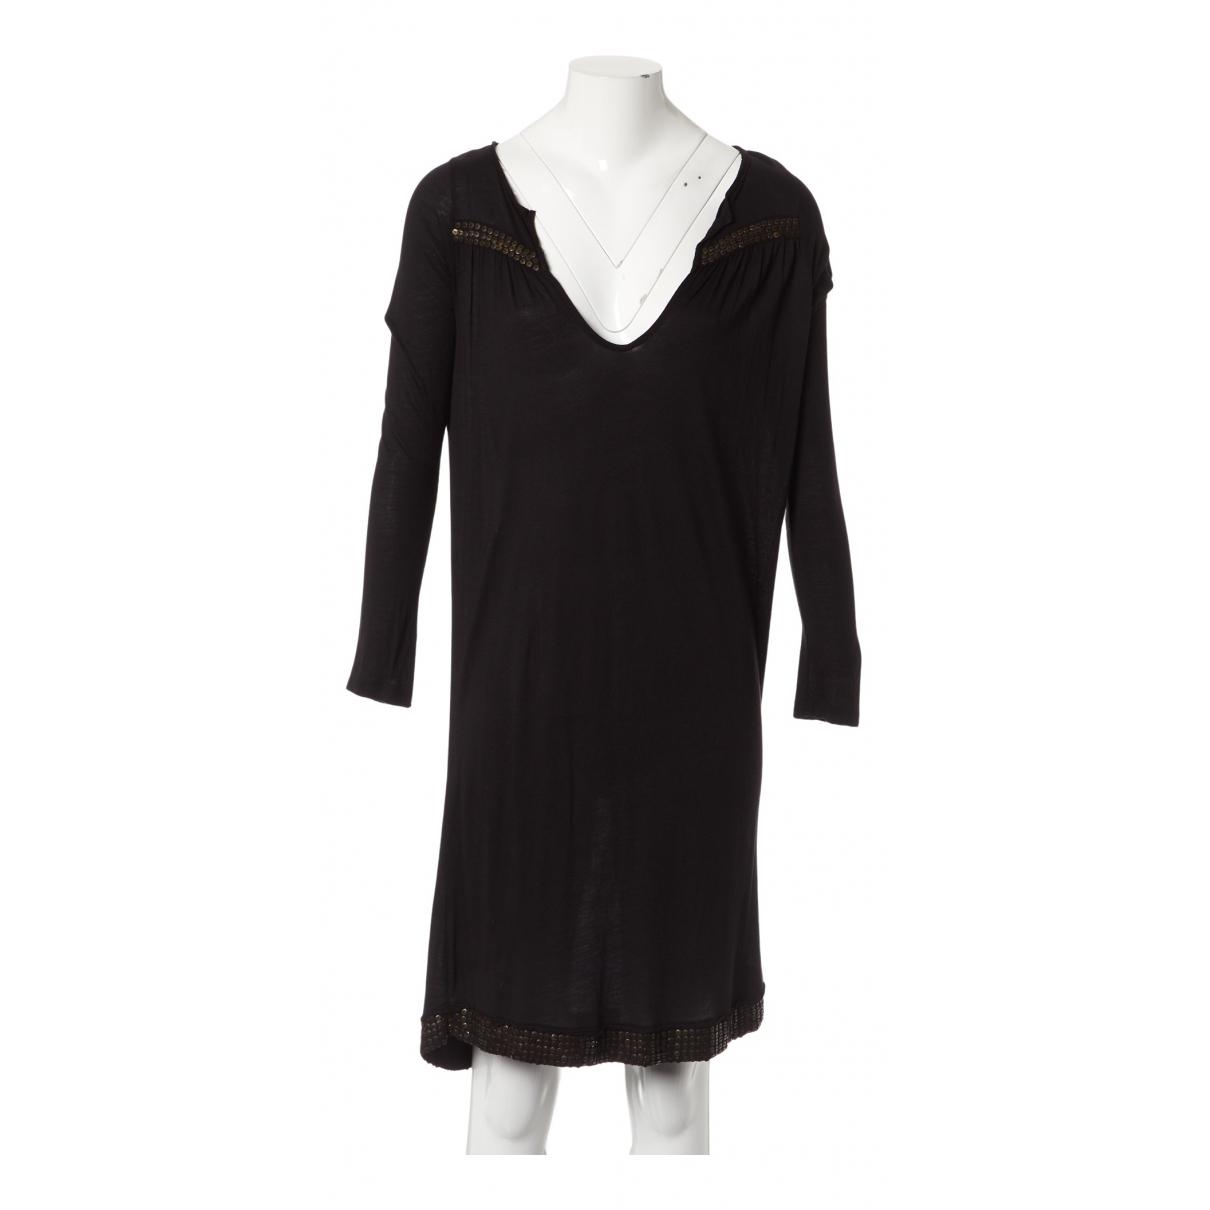 Zadig & Voltaire \N Kleid in  Schwarz Synthetik